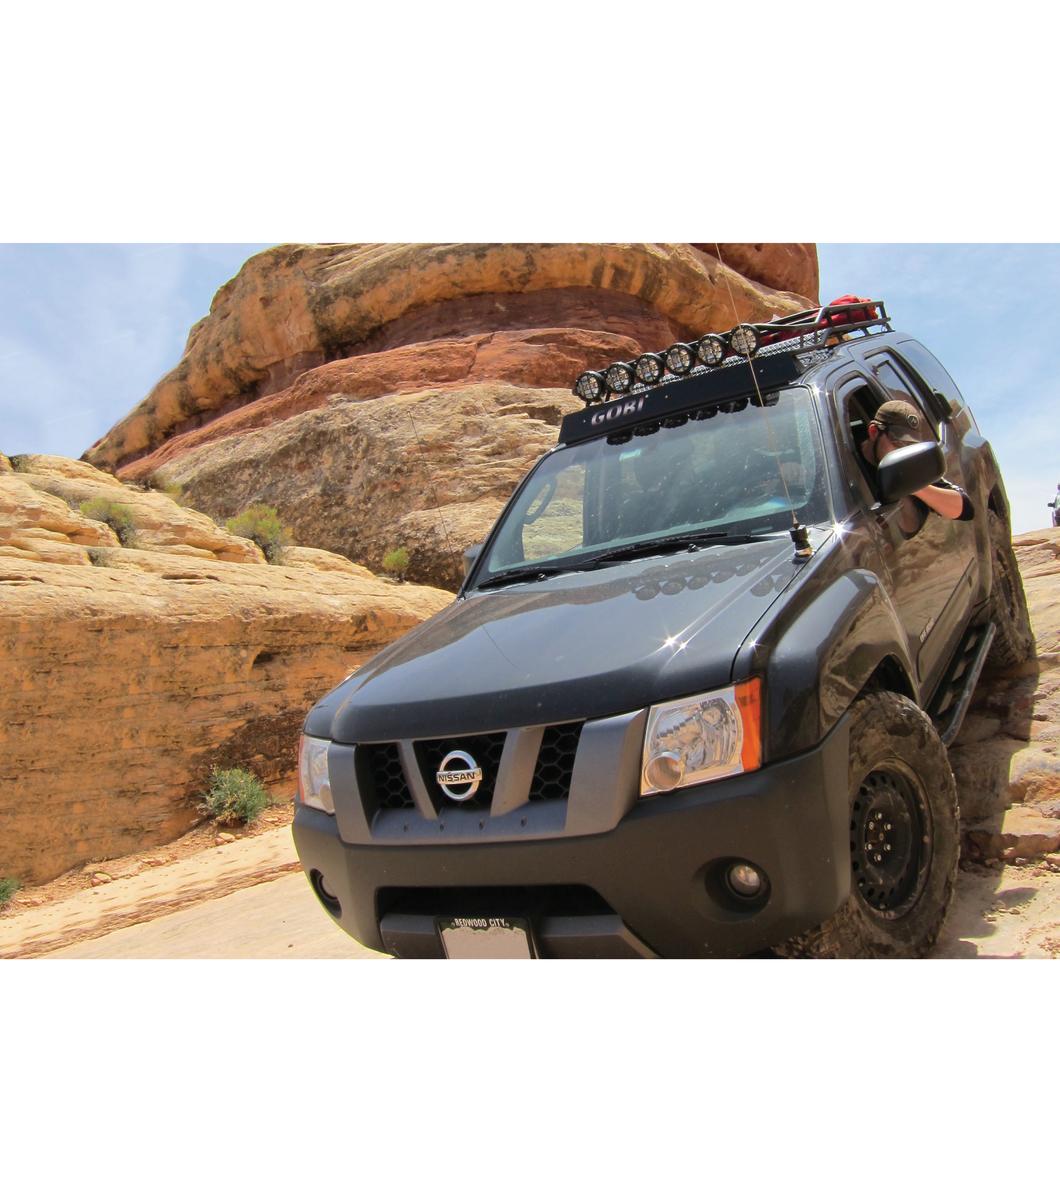 Gobi Nissan Xterra 00 04 Ranger Rack Multi Light Setup With Sunroof